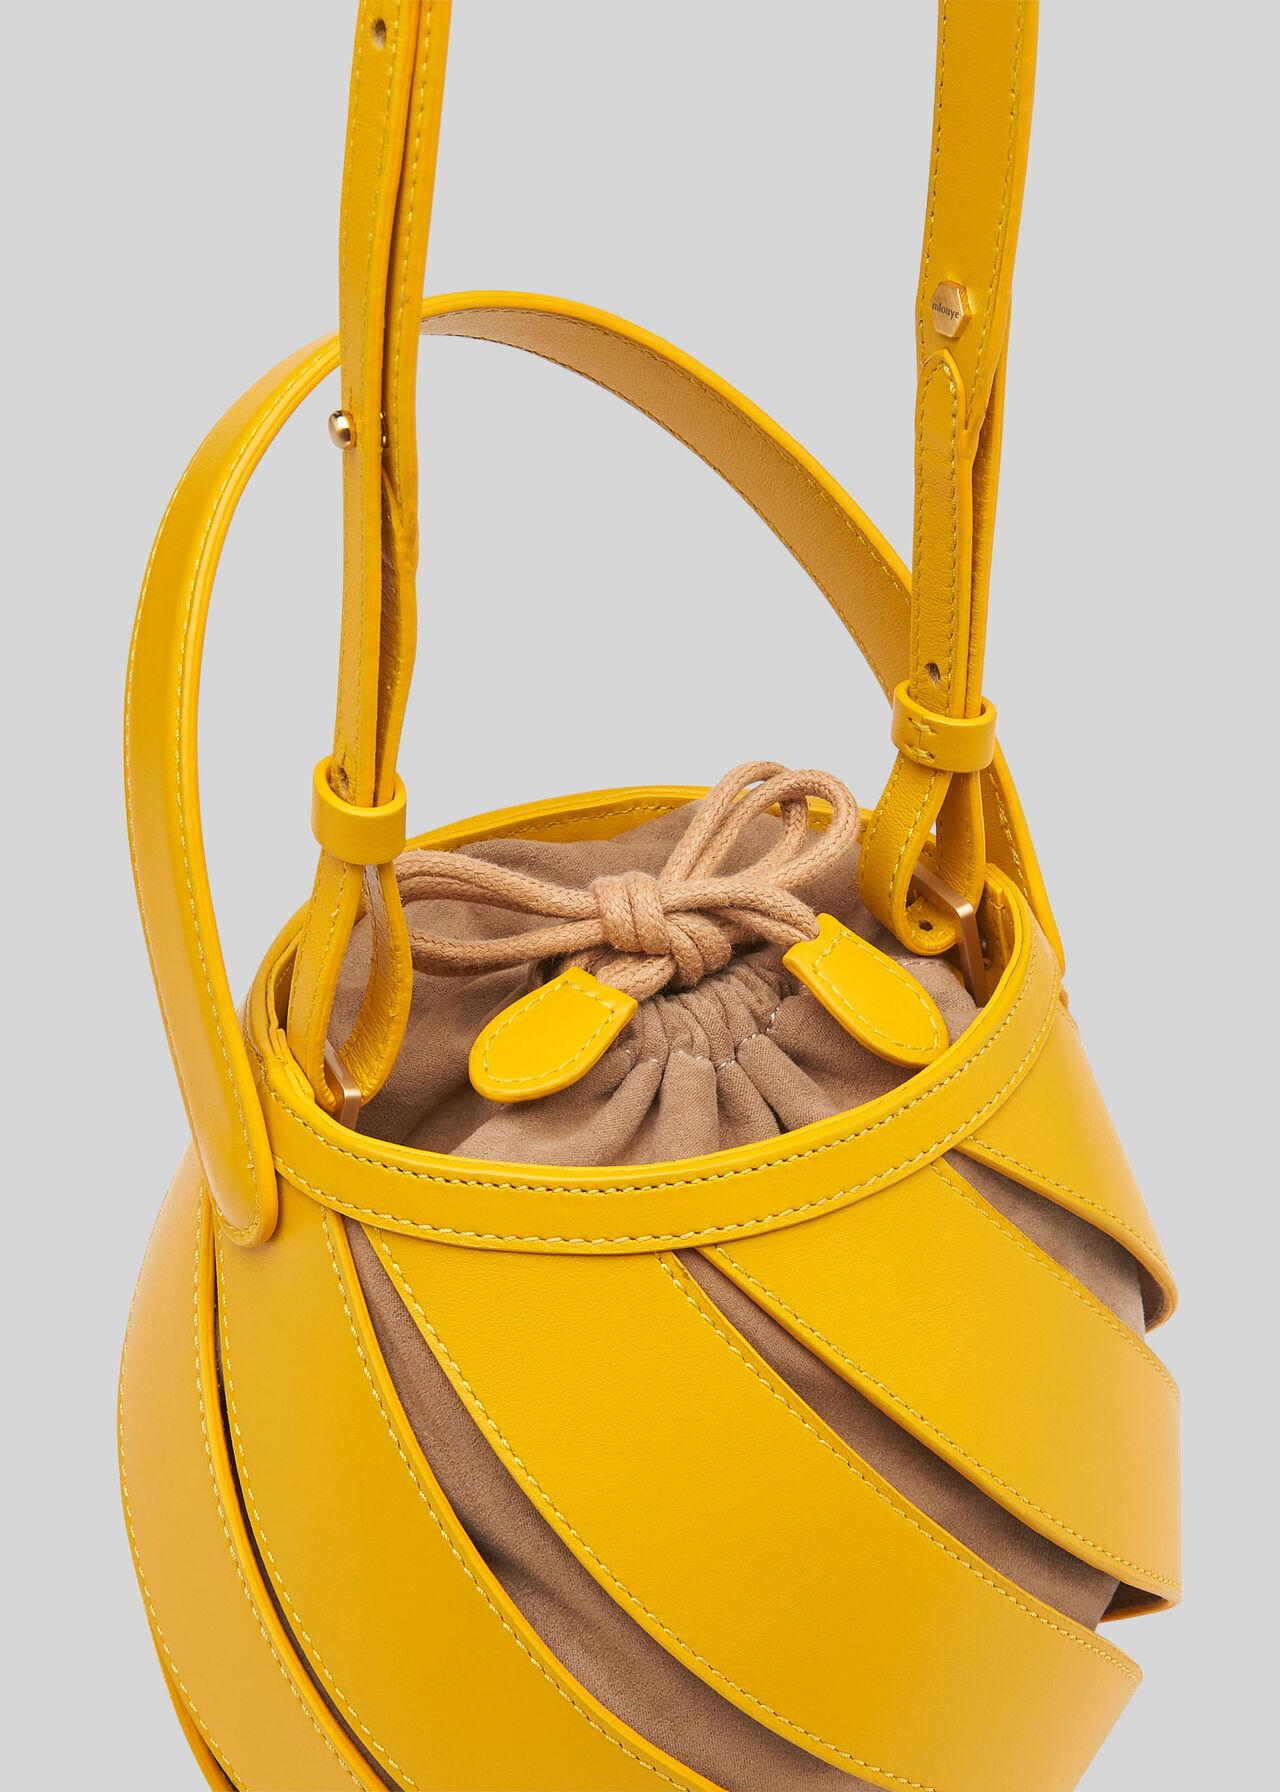 Whistles x Mlouye Helix Bag Yellow